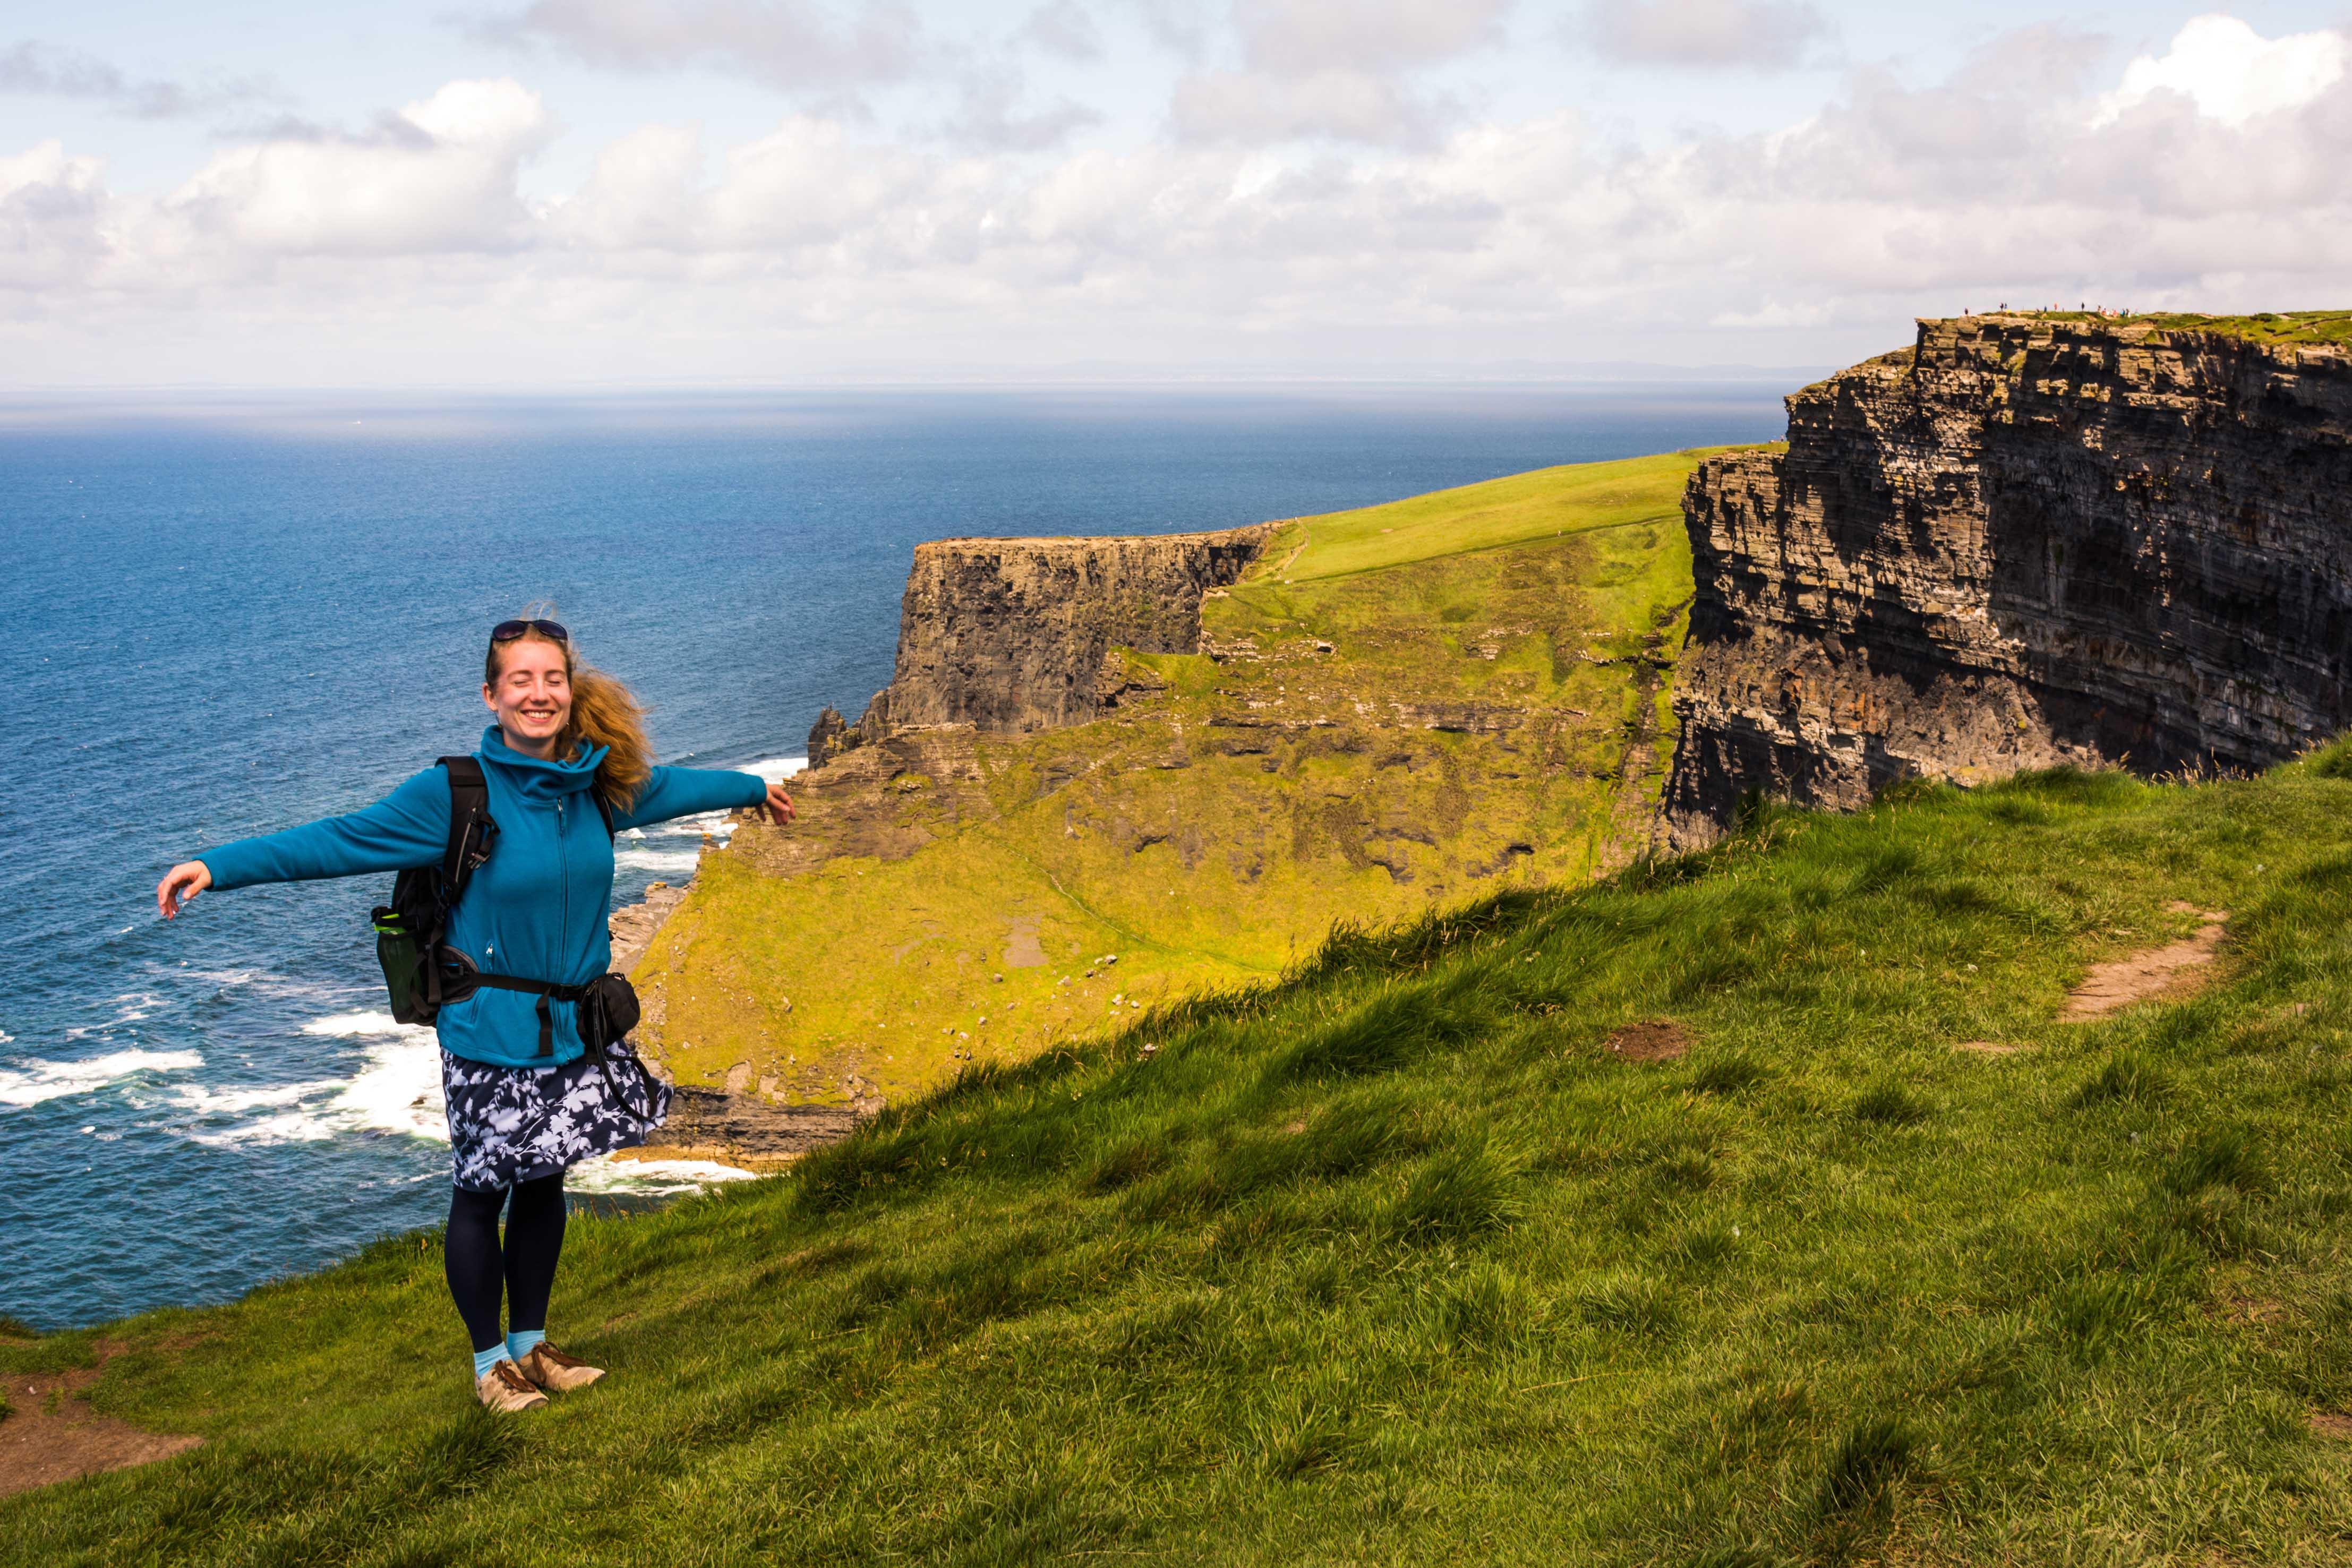 DIe Cliffs of Moher waren schon lange ein Traumziel von mir